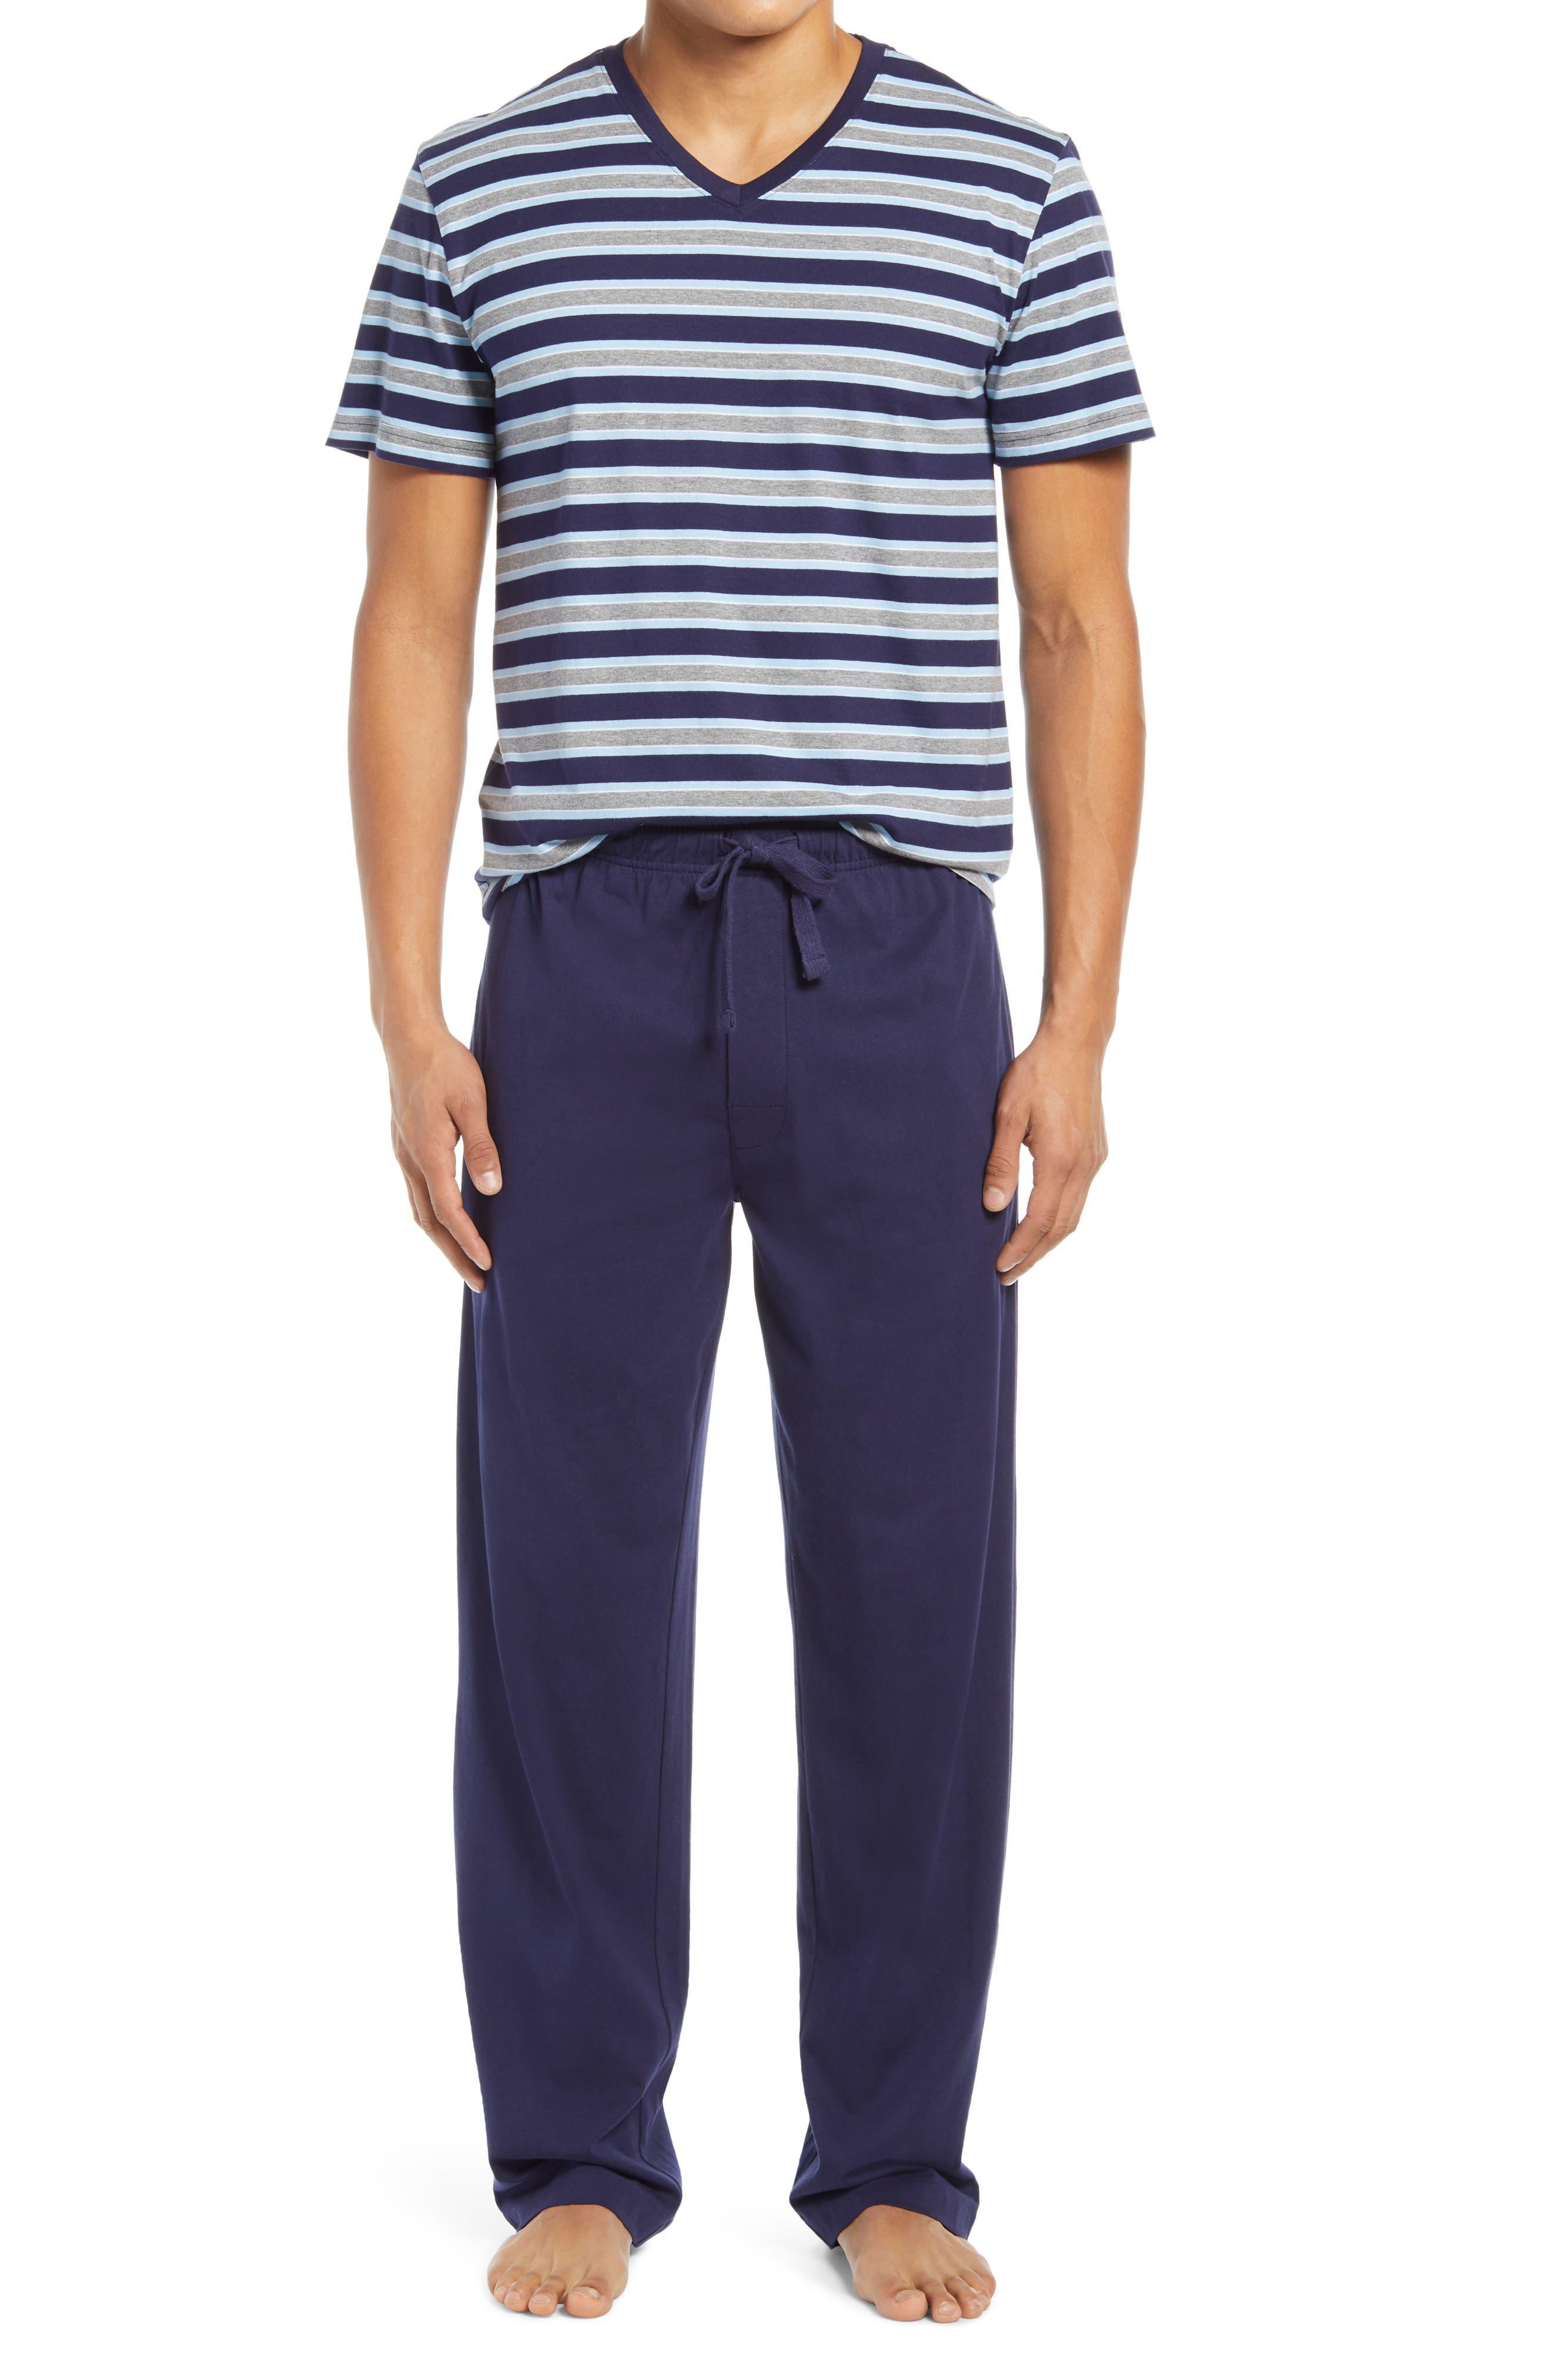 Men's Pure Lines Knit Cotton Pajamas